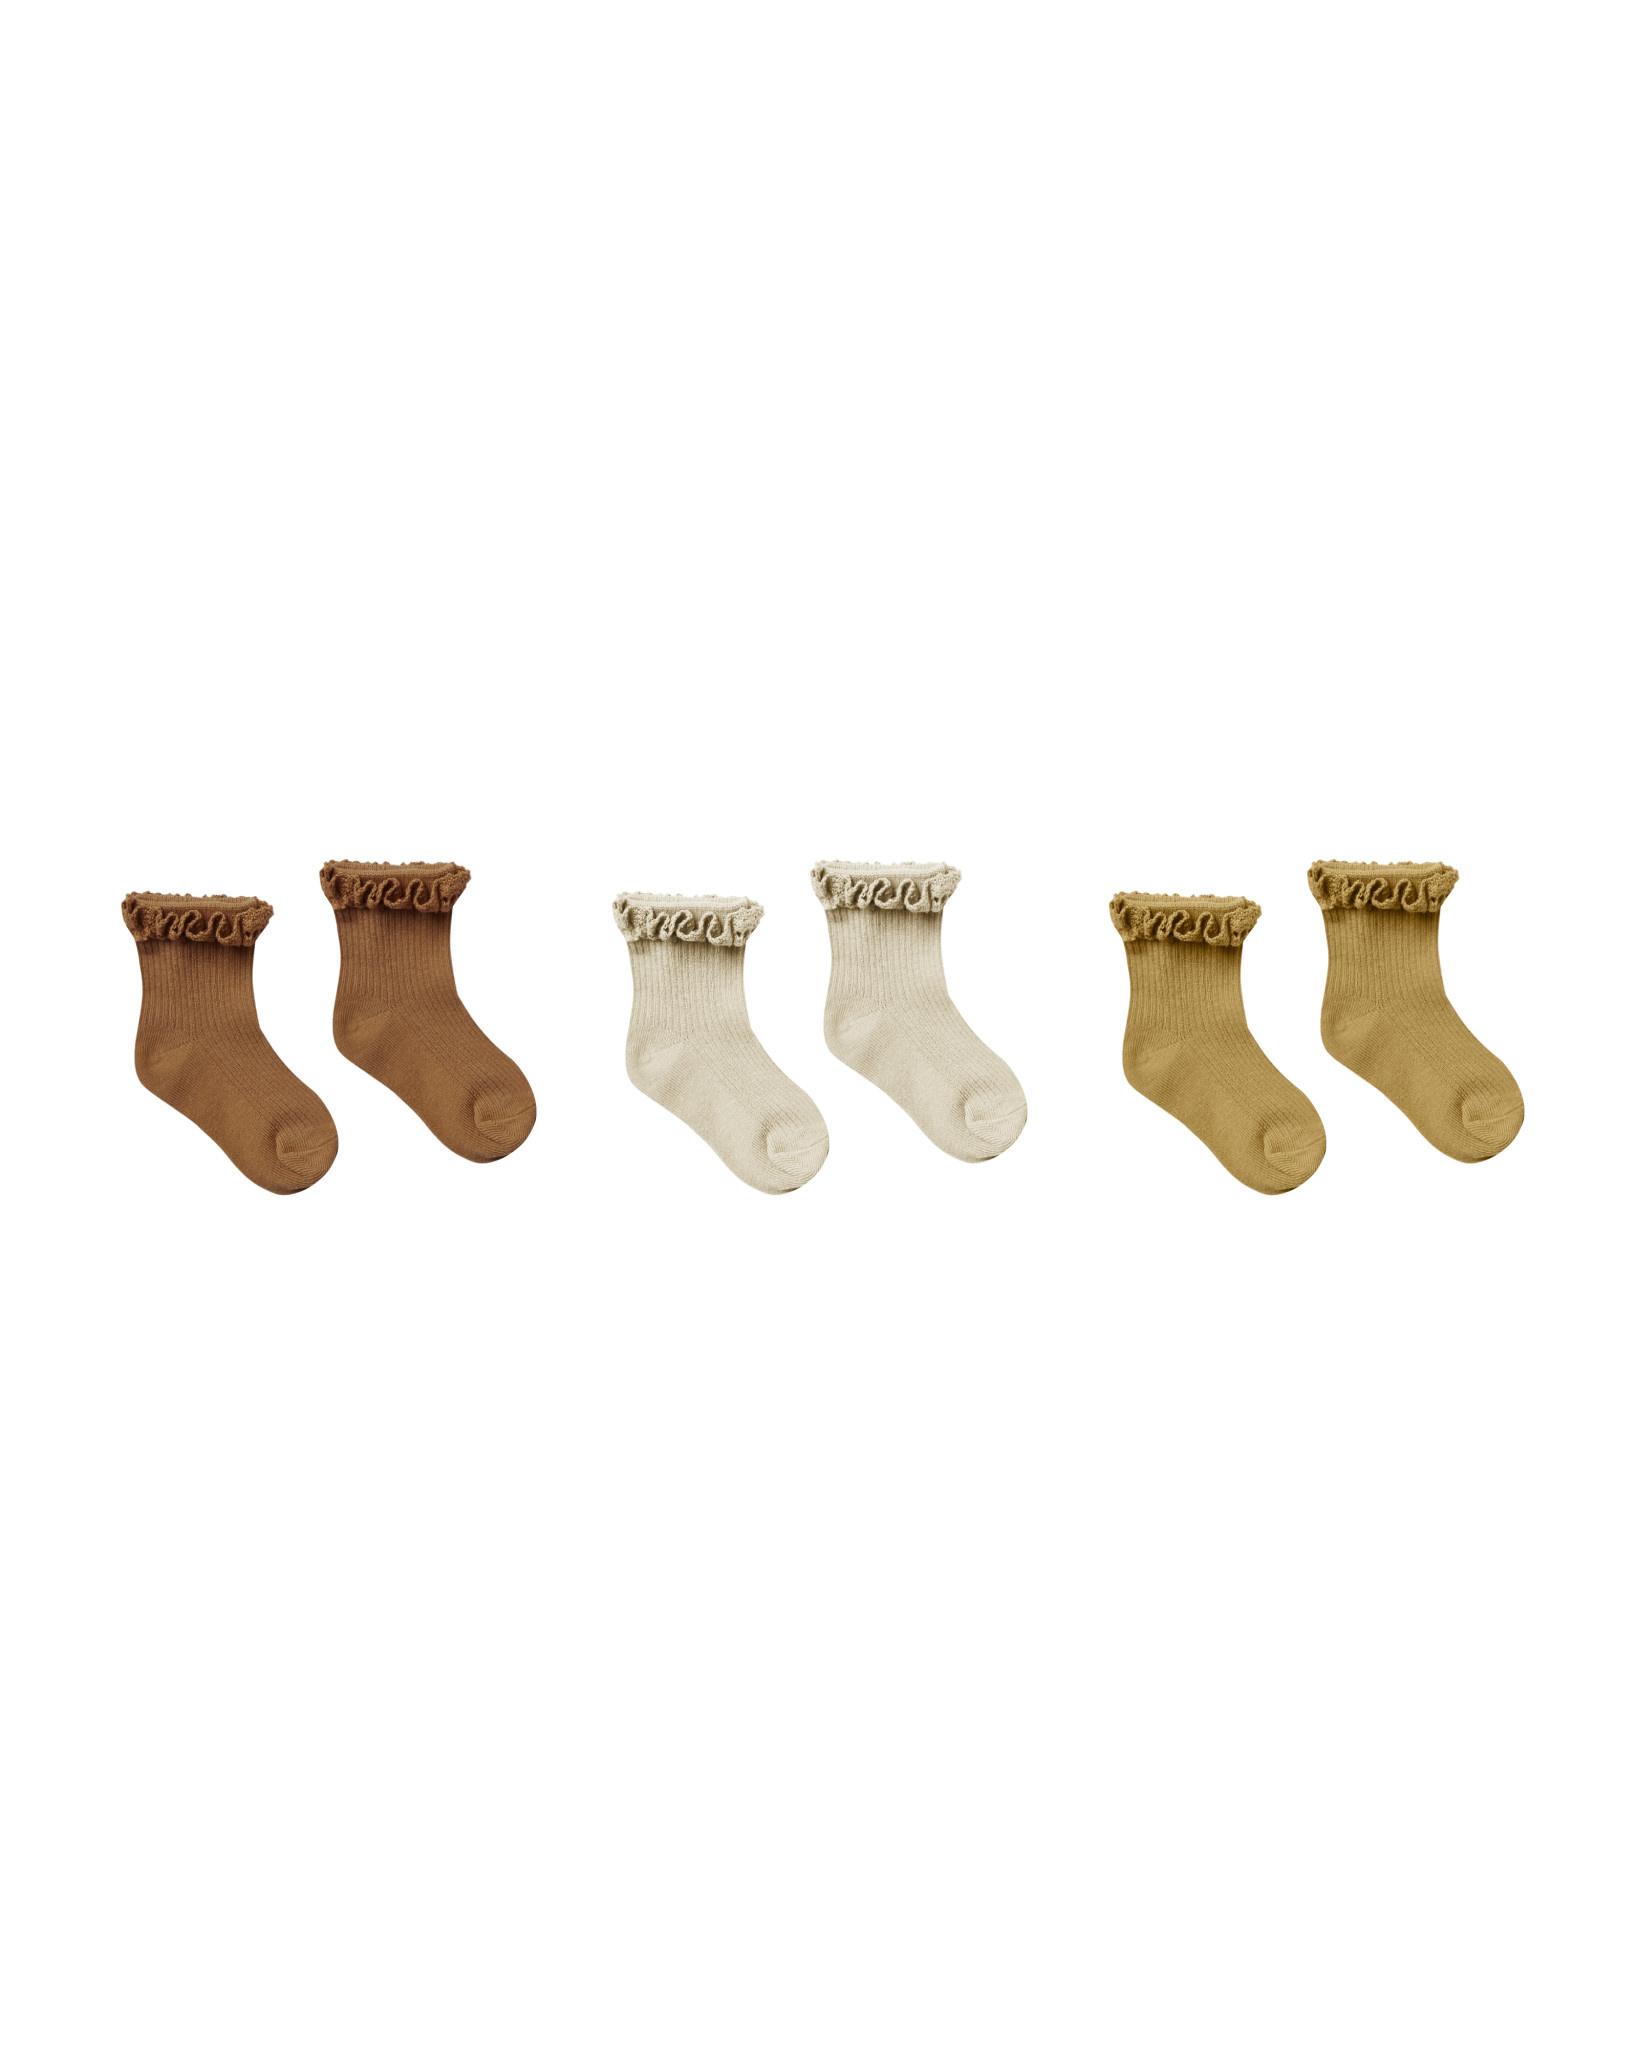 RYLEE AND CRU Ruffle Socks - 3 Pack